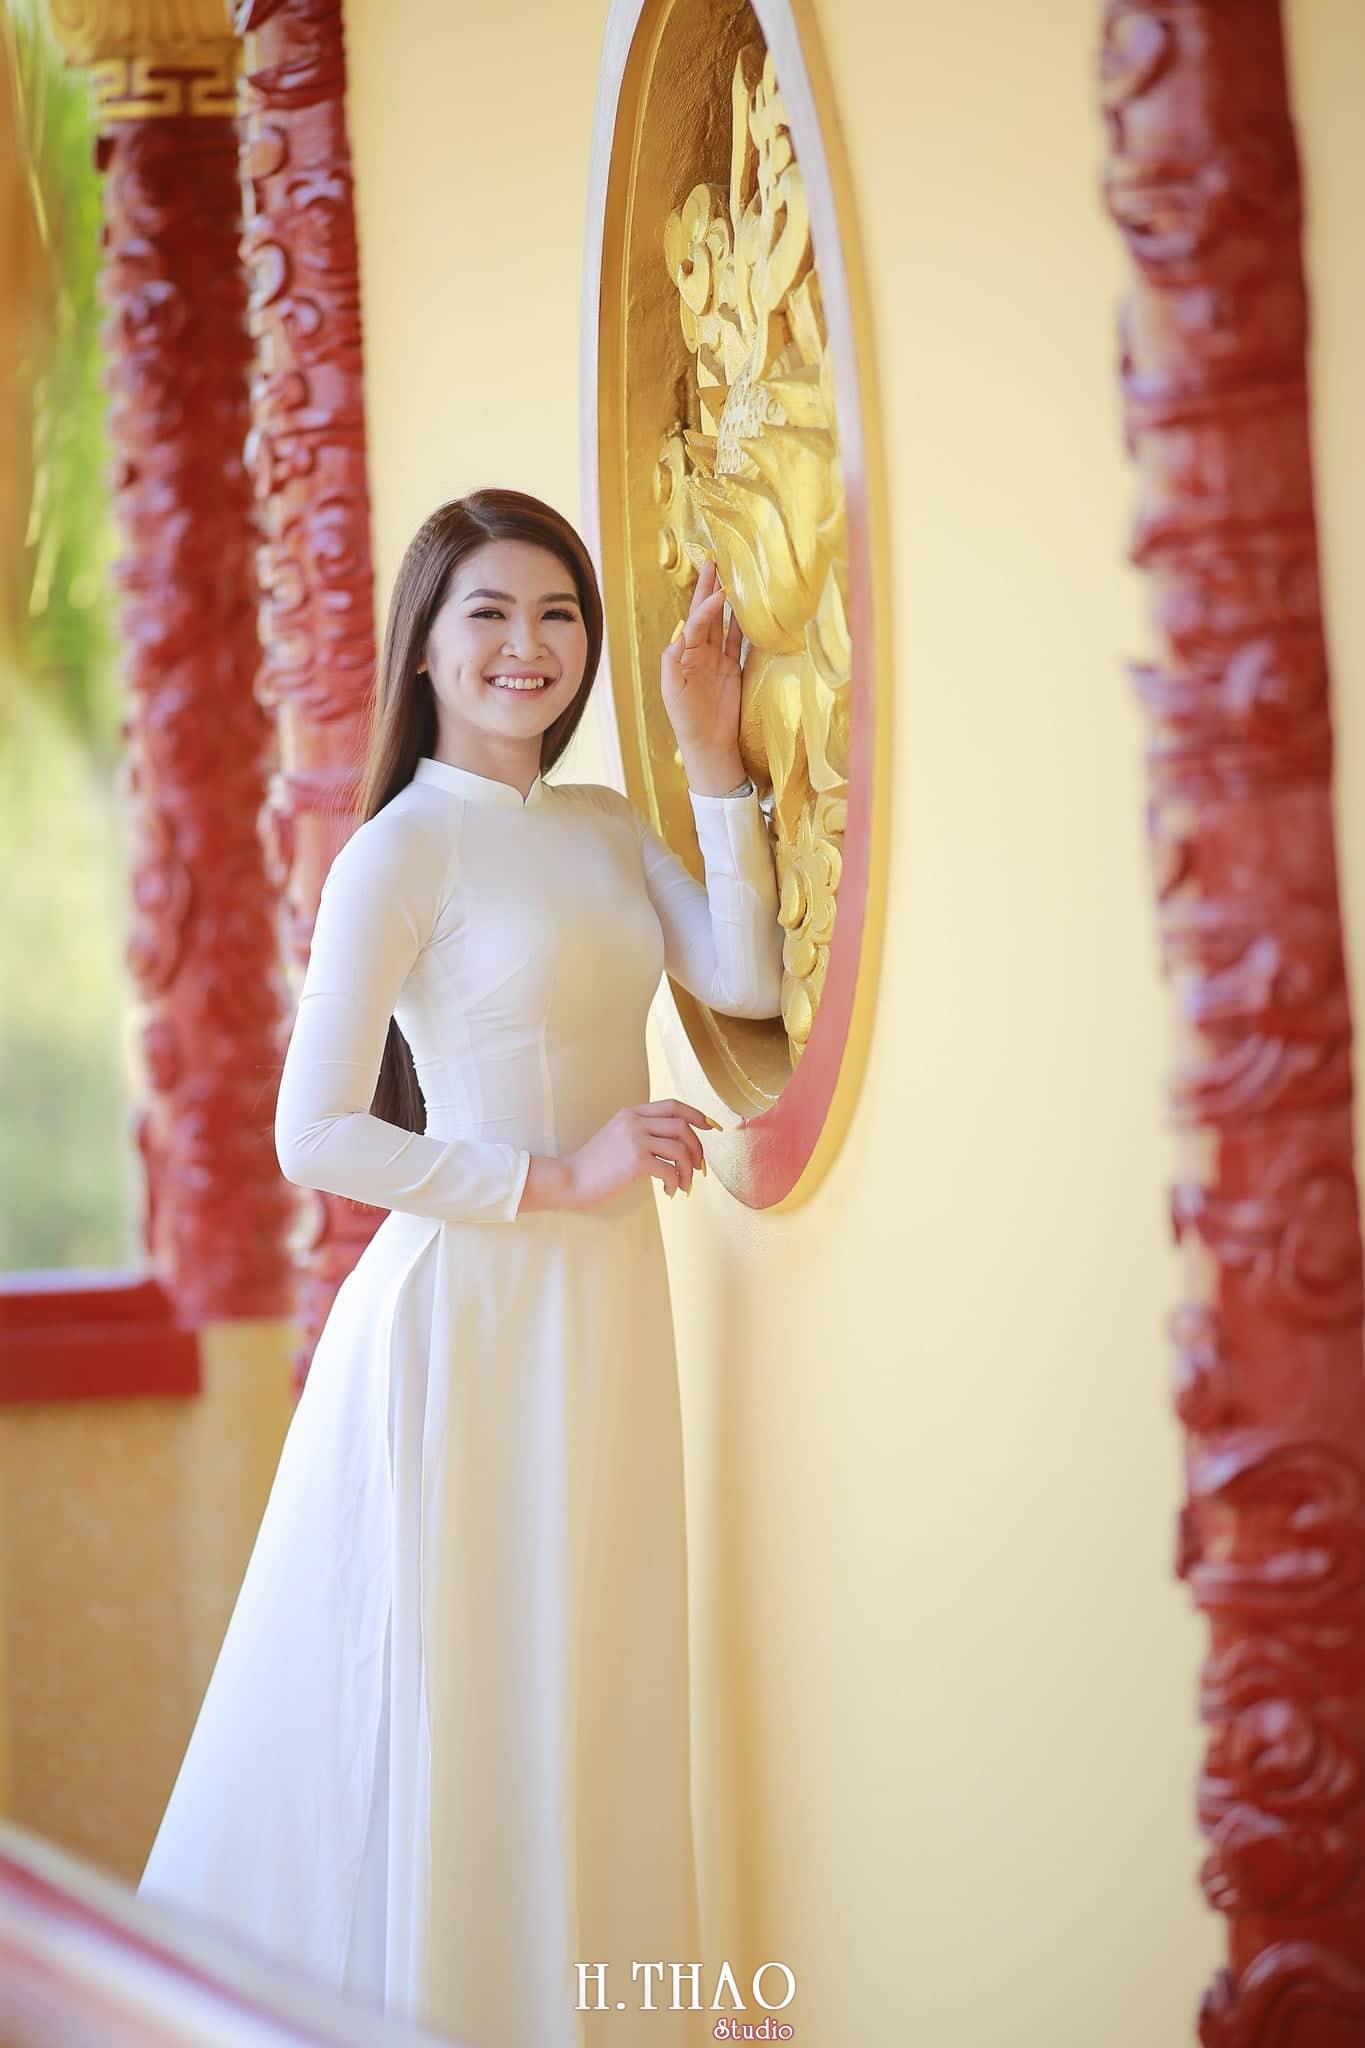 Anh ao dai viet nam 12 - 49 cách tạo dáng chụp ảnh với áo dài tuyệt đẹp - HThao Studio